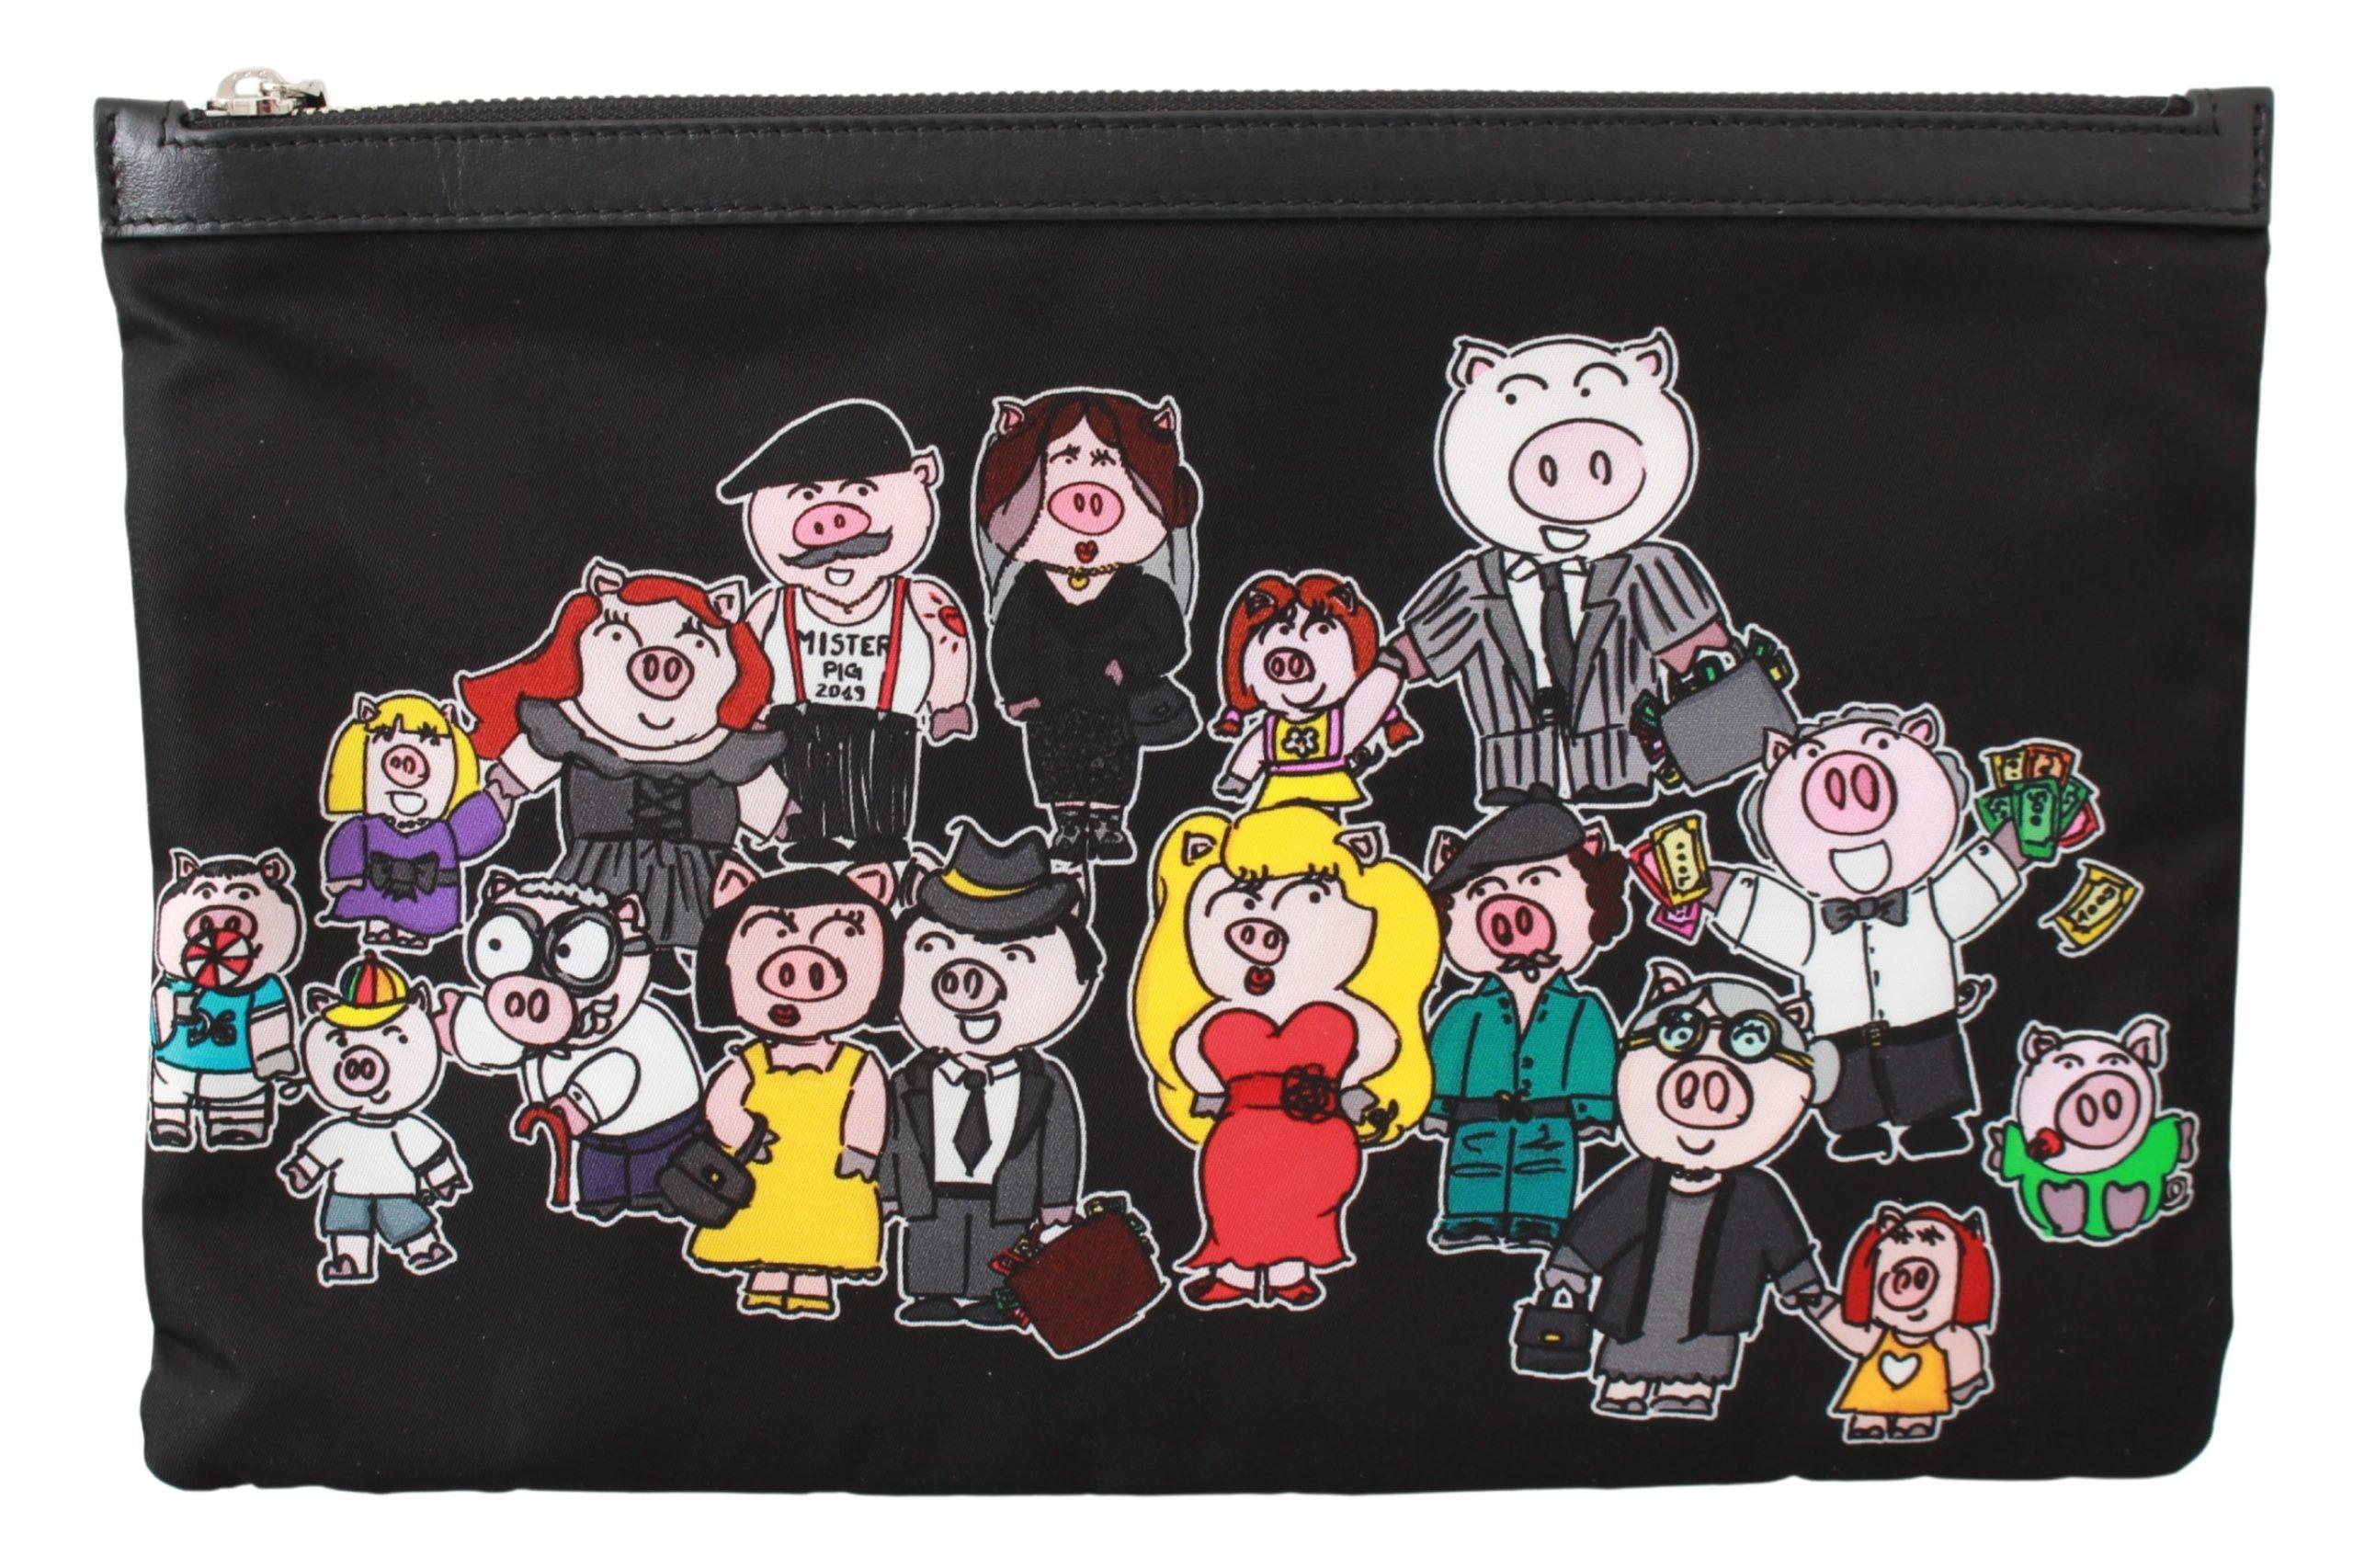 Dolce & Gabbana Men's Family Pig Hand Messenger Bag Black VAS9487